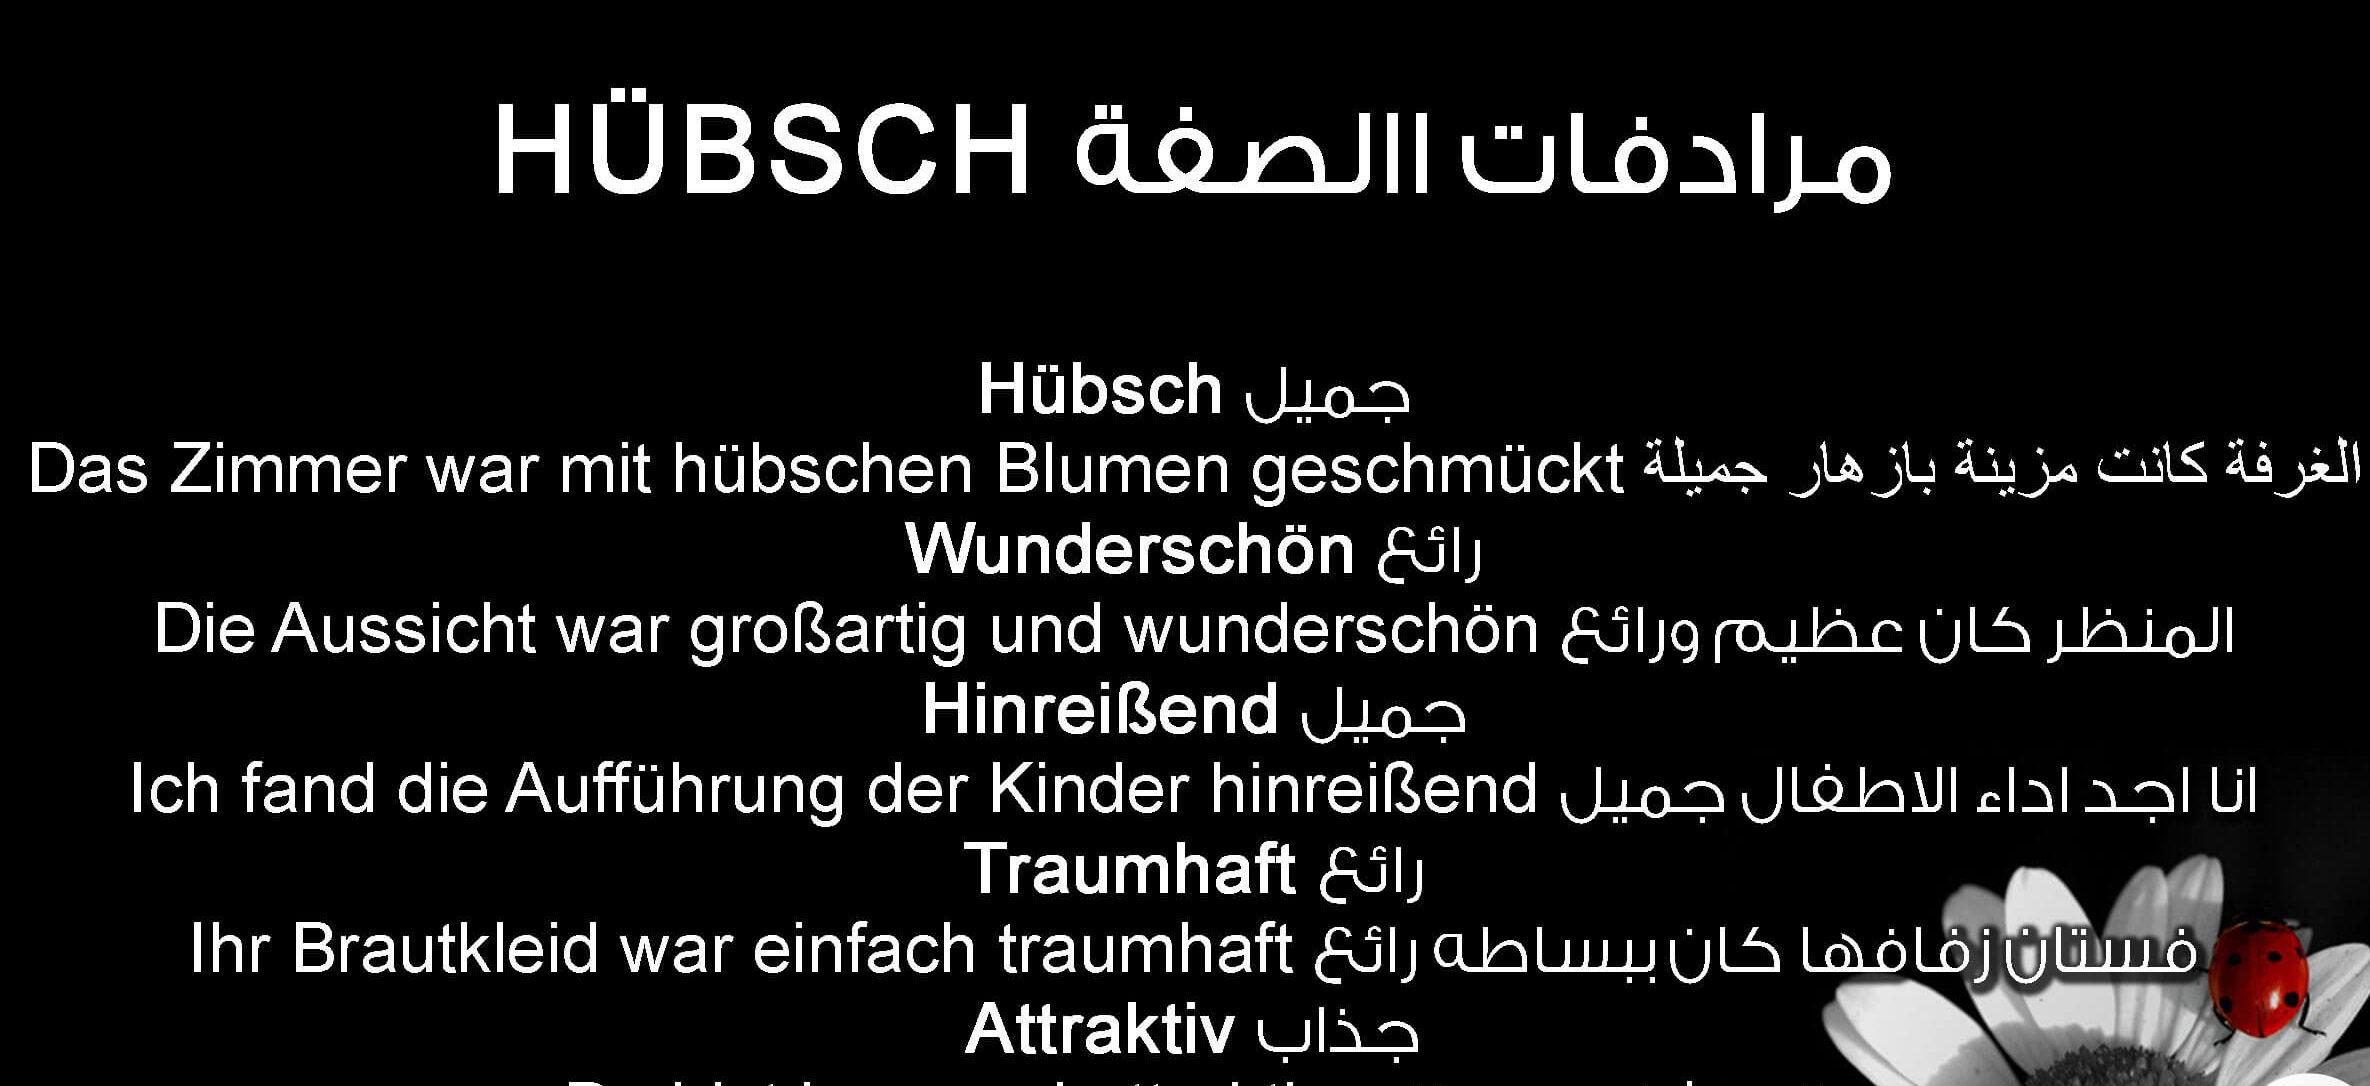 مرادفات الصفة Hübsch – تعلم اللغة الالمانية